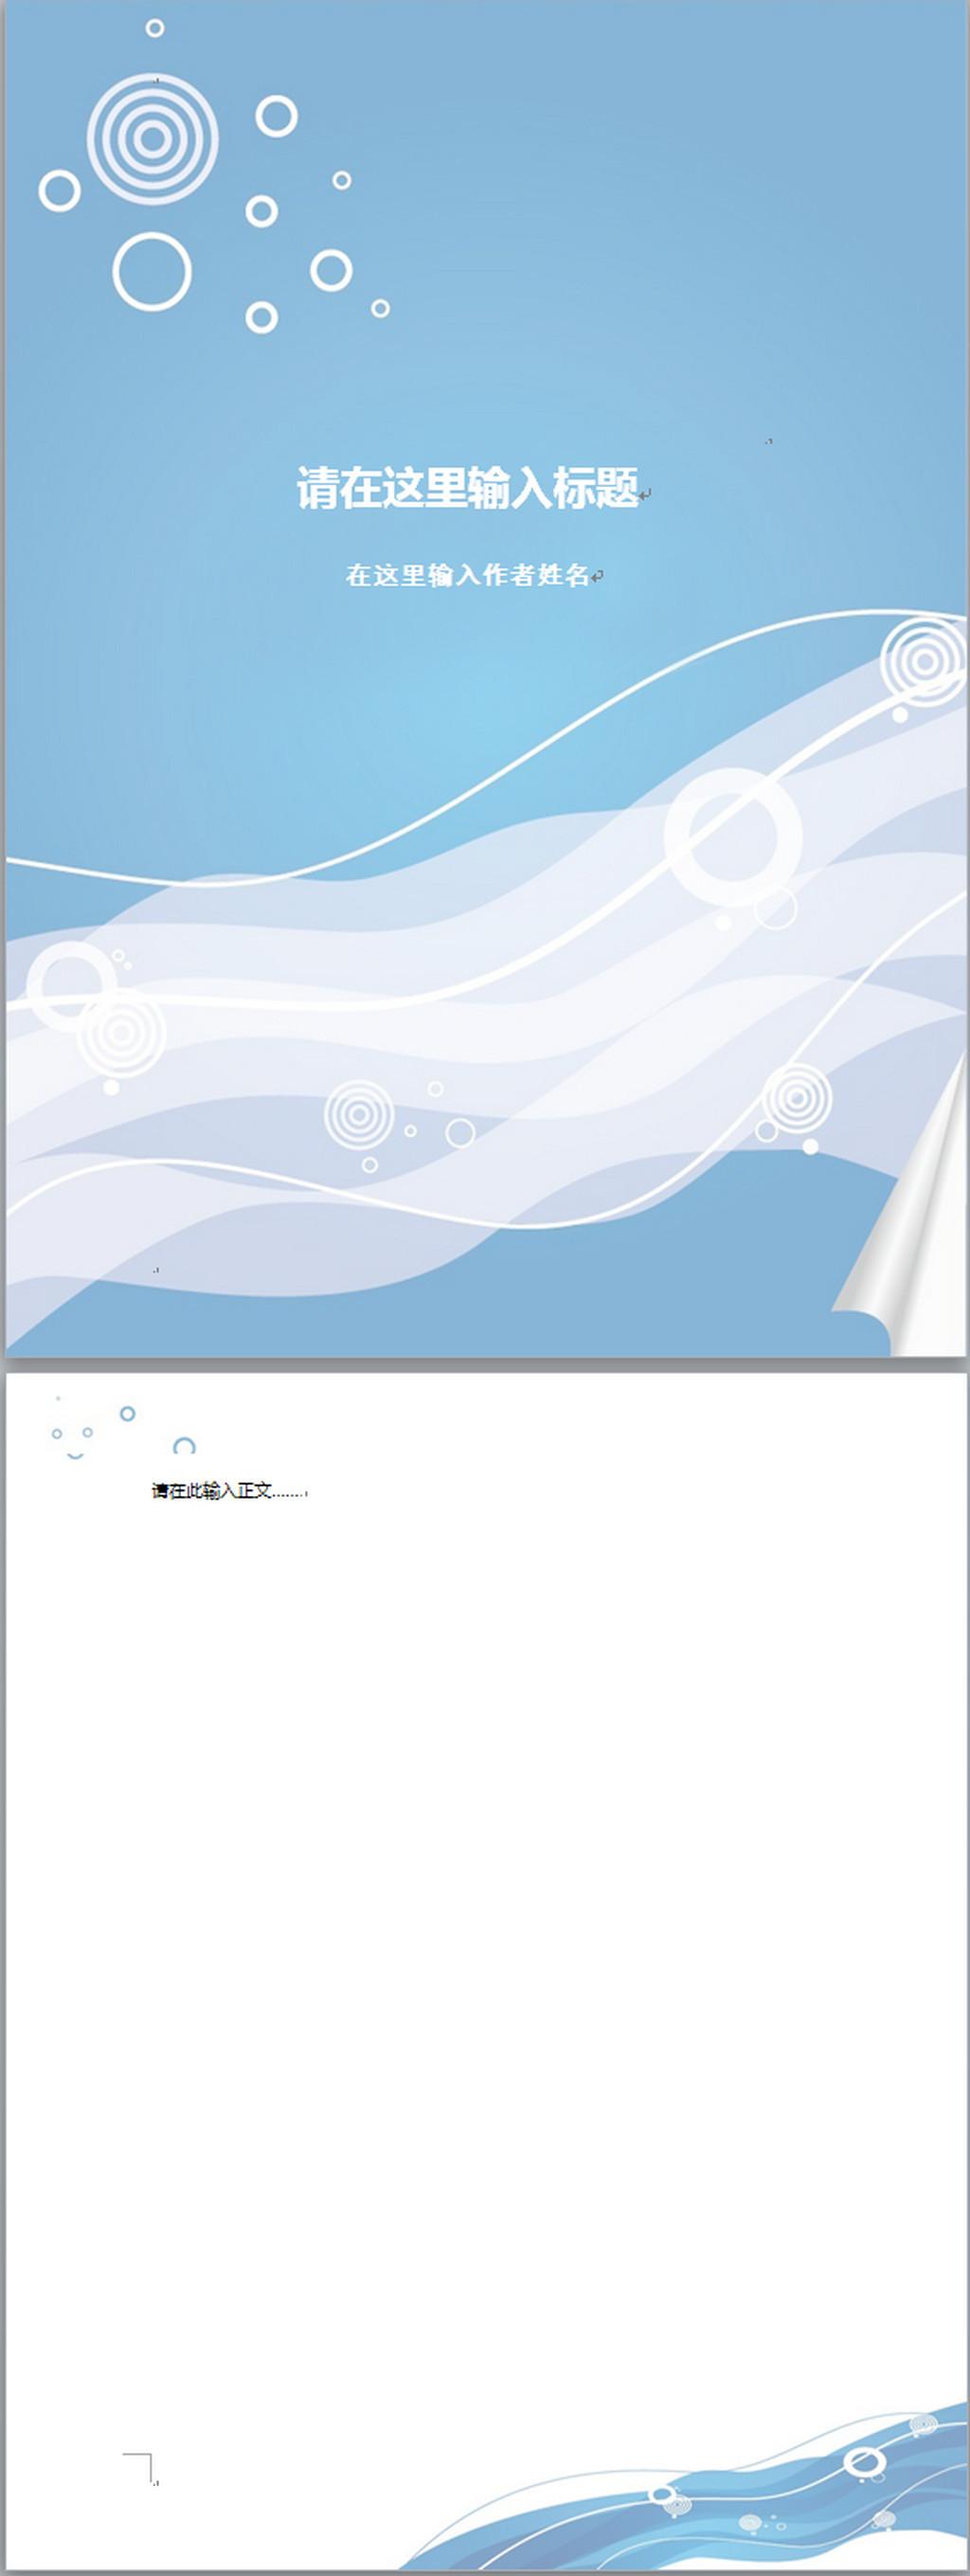 蓝色艺术圈圈文艺封面word模板下载 蓝色艺术圈圈文艺封面word图片